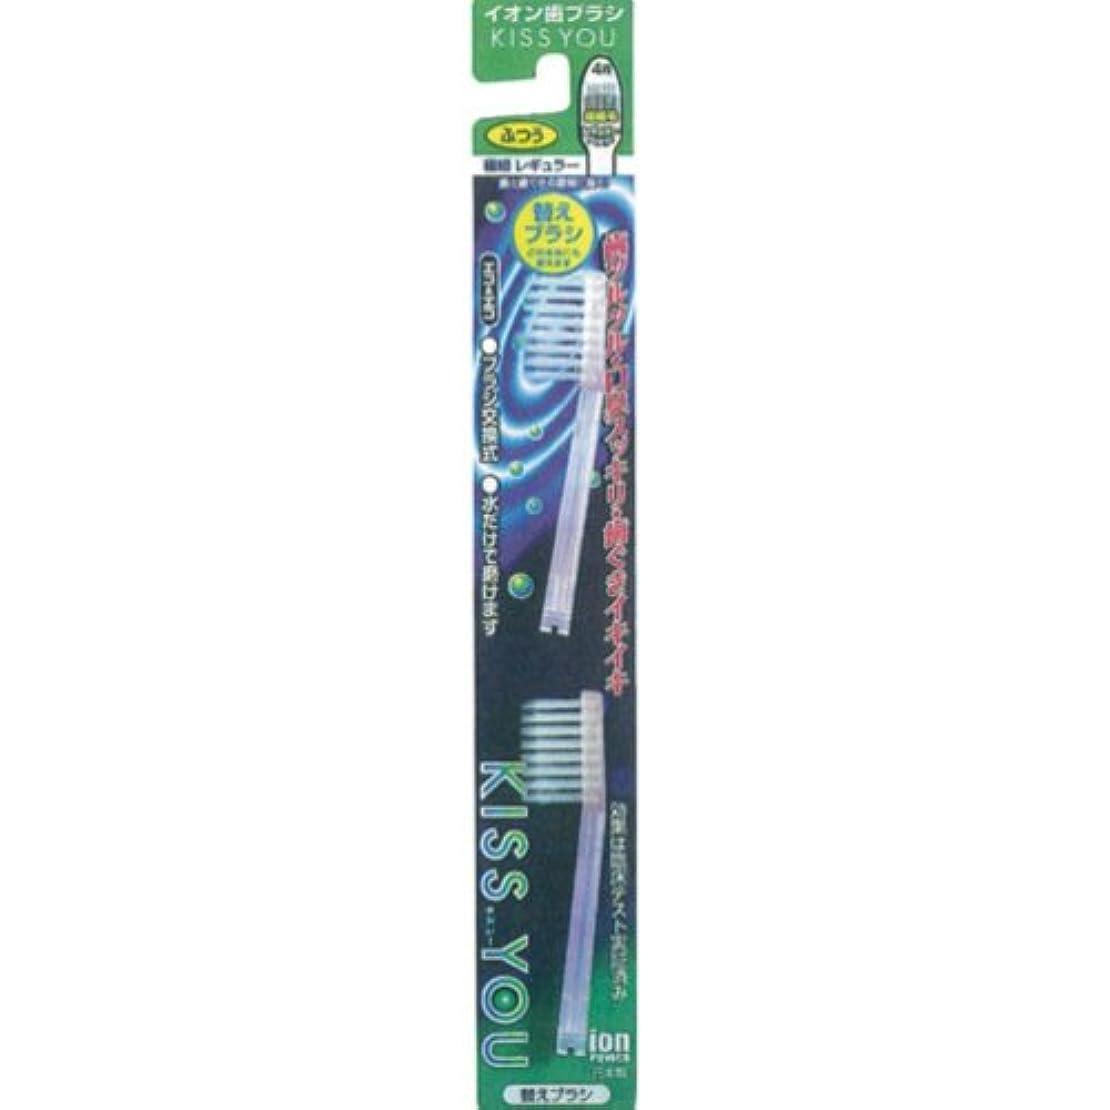 誰でも鋭く自動化フクバデンタル キスユー イオン歯ブラシ 極細レギュラー 替えブラシ ふつう (2本入)